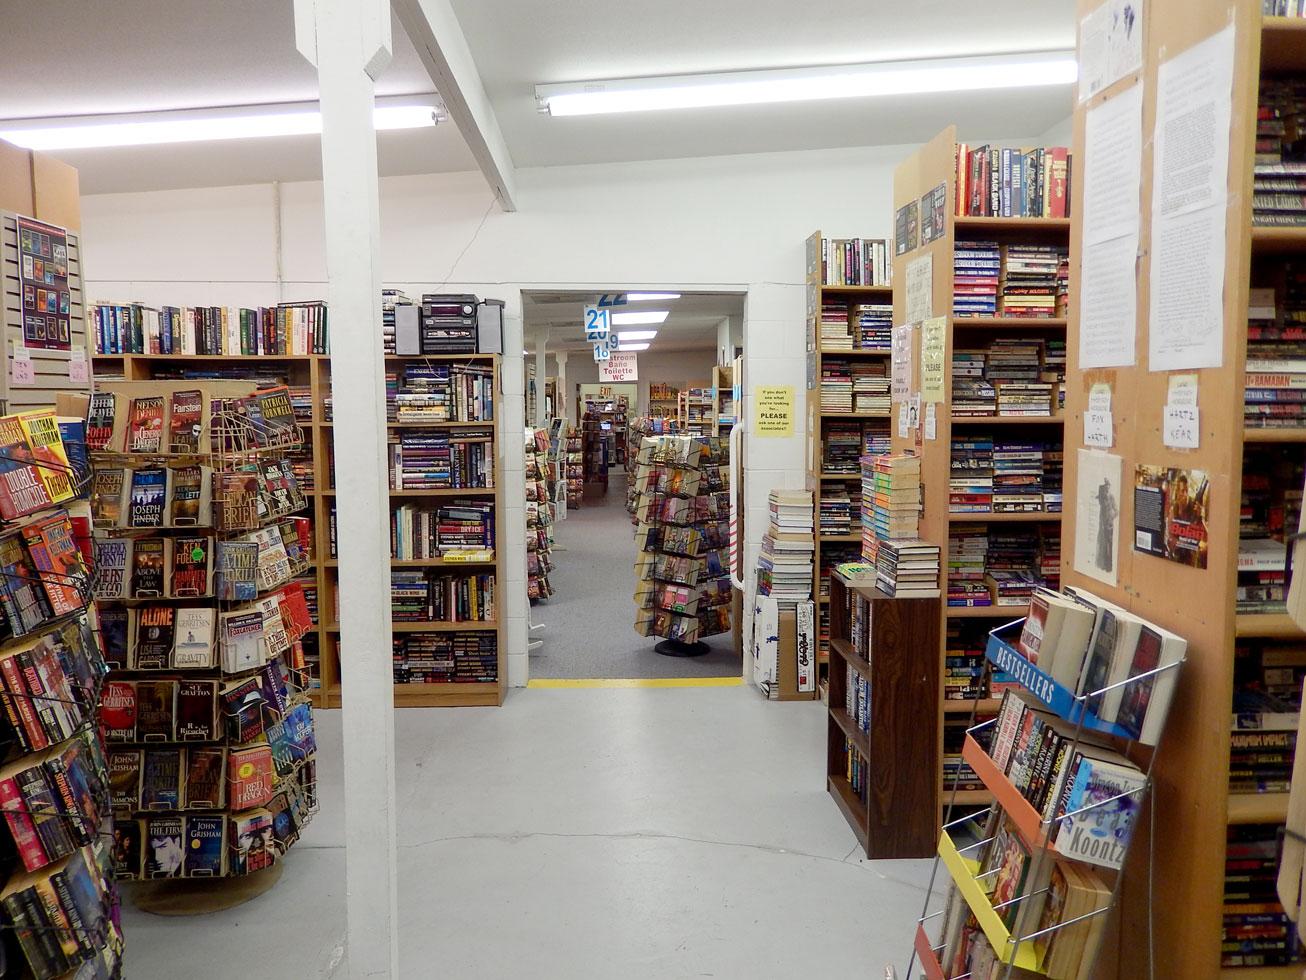 Um passeio por livrarias: Flórida, EUA (Parte 2)